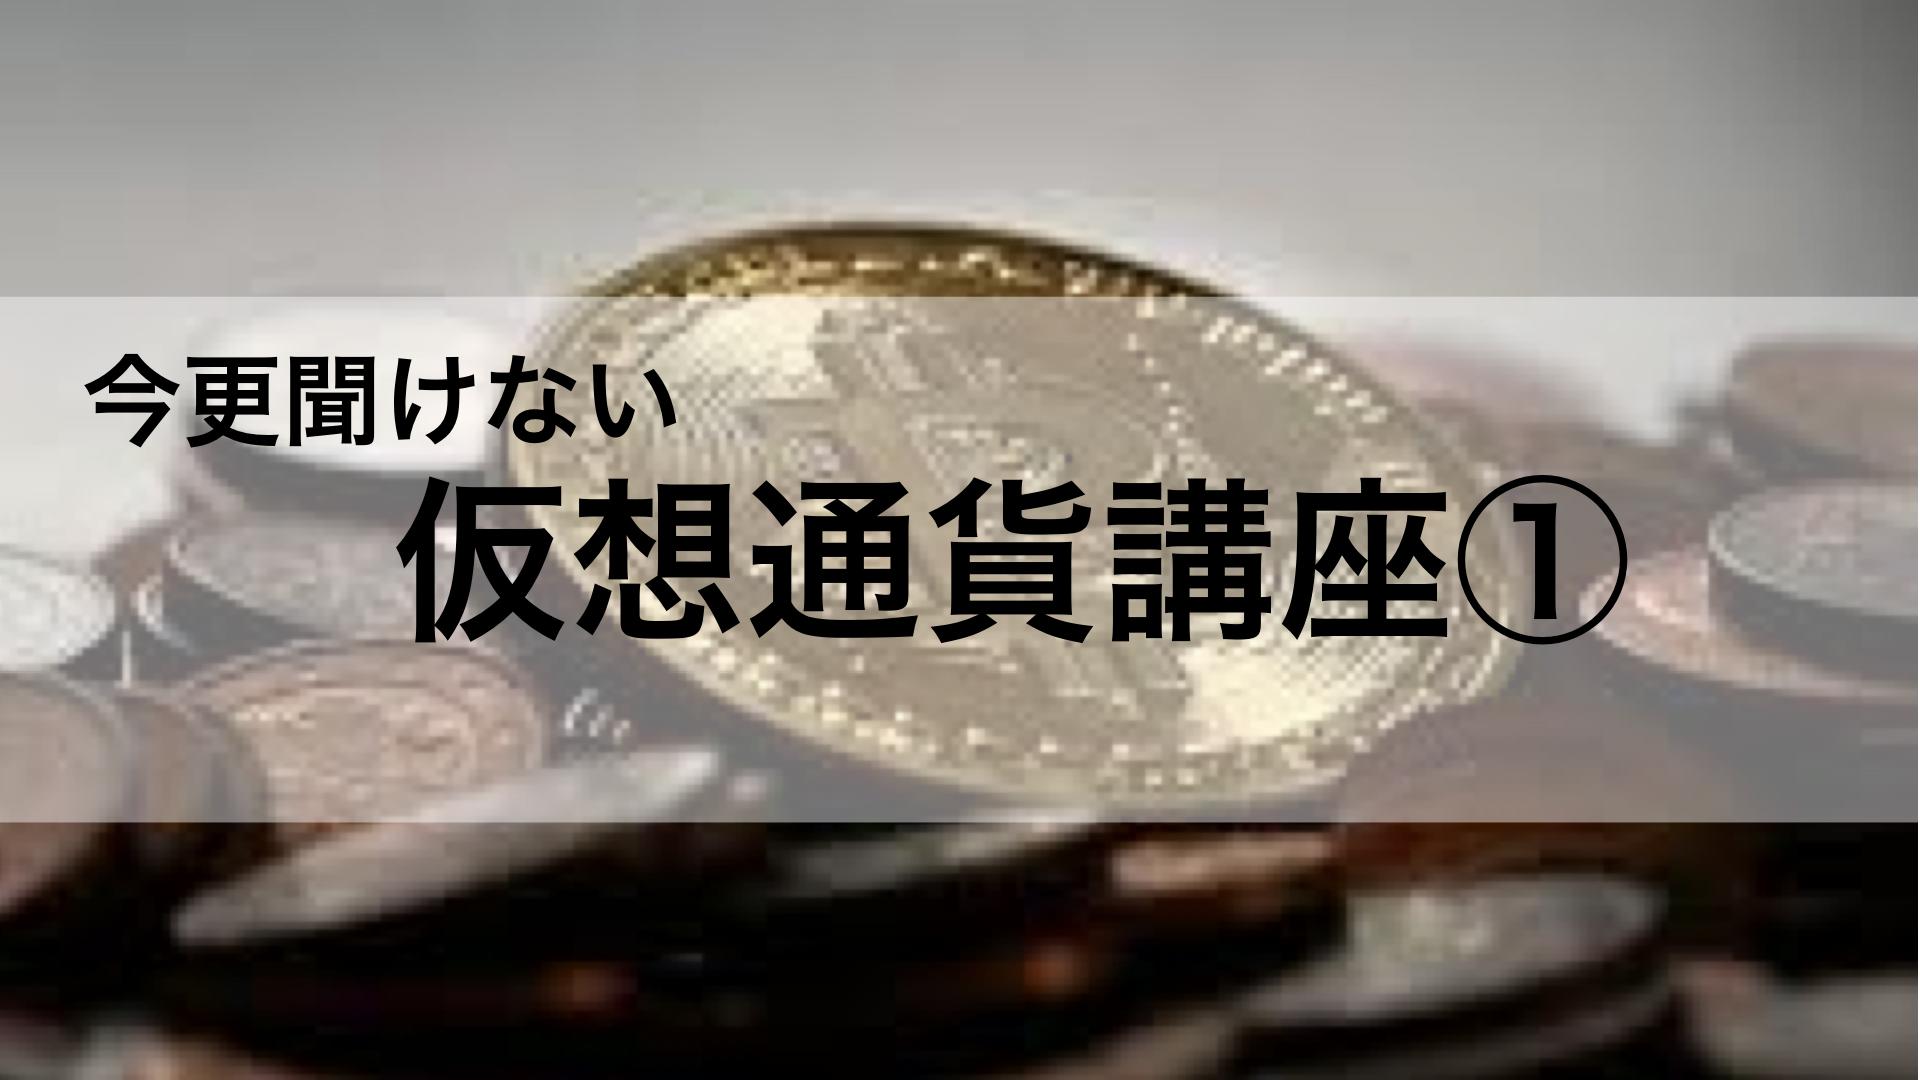 仮想通貨とは?今更聞けない仮想通貨について①